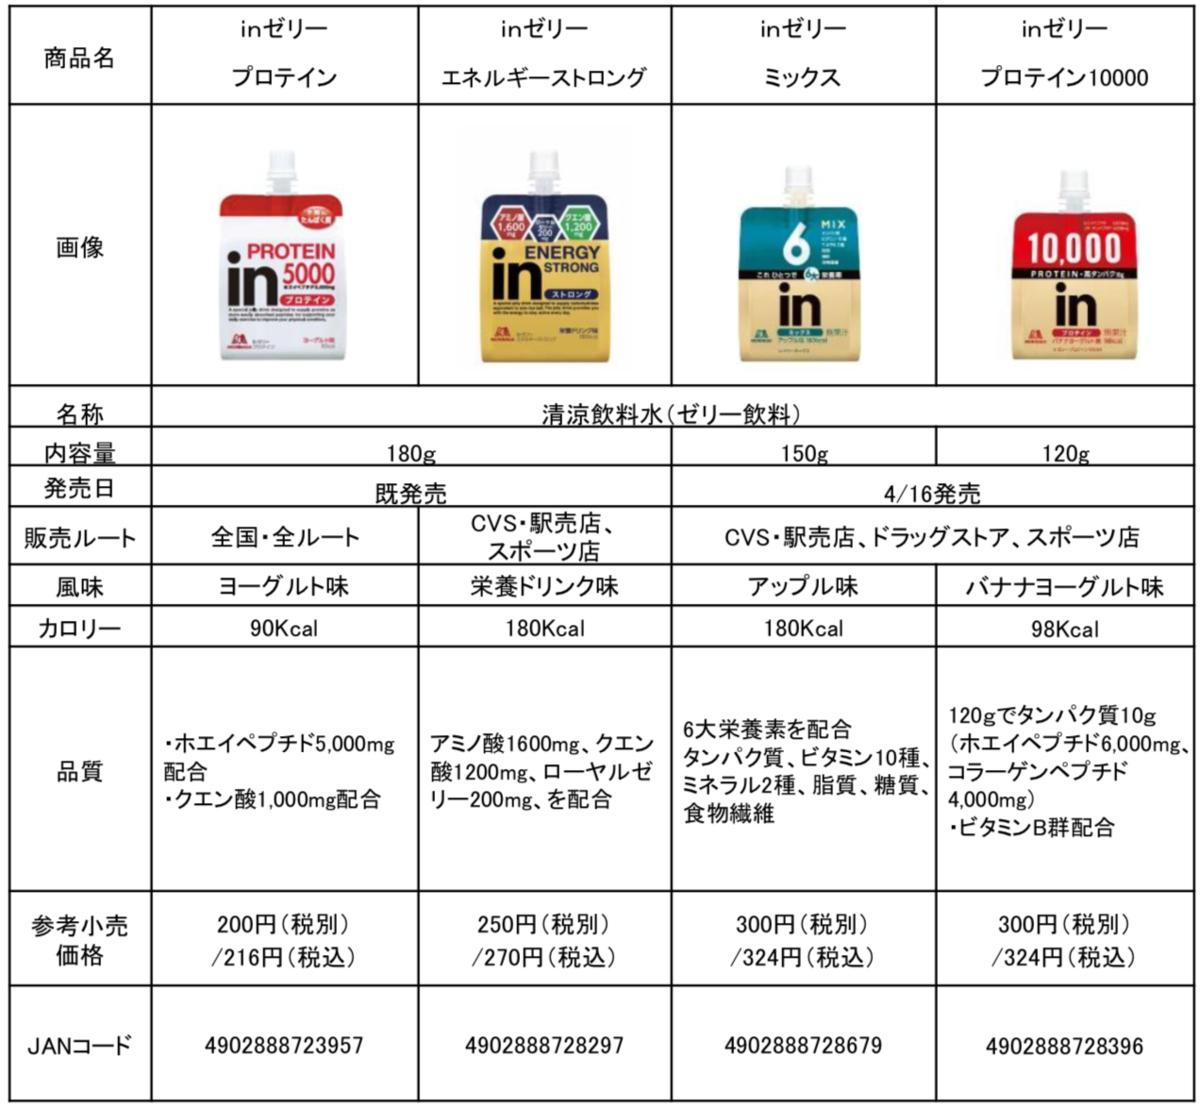 f:id:mojiru:20190409080600p:plain